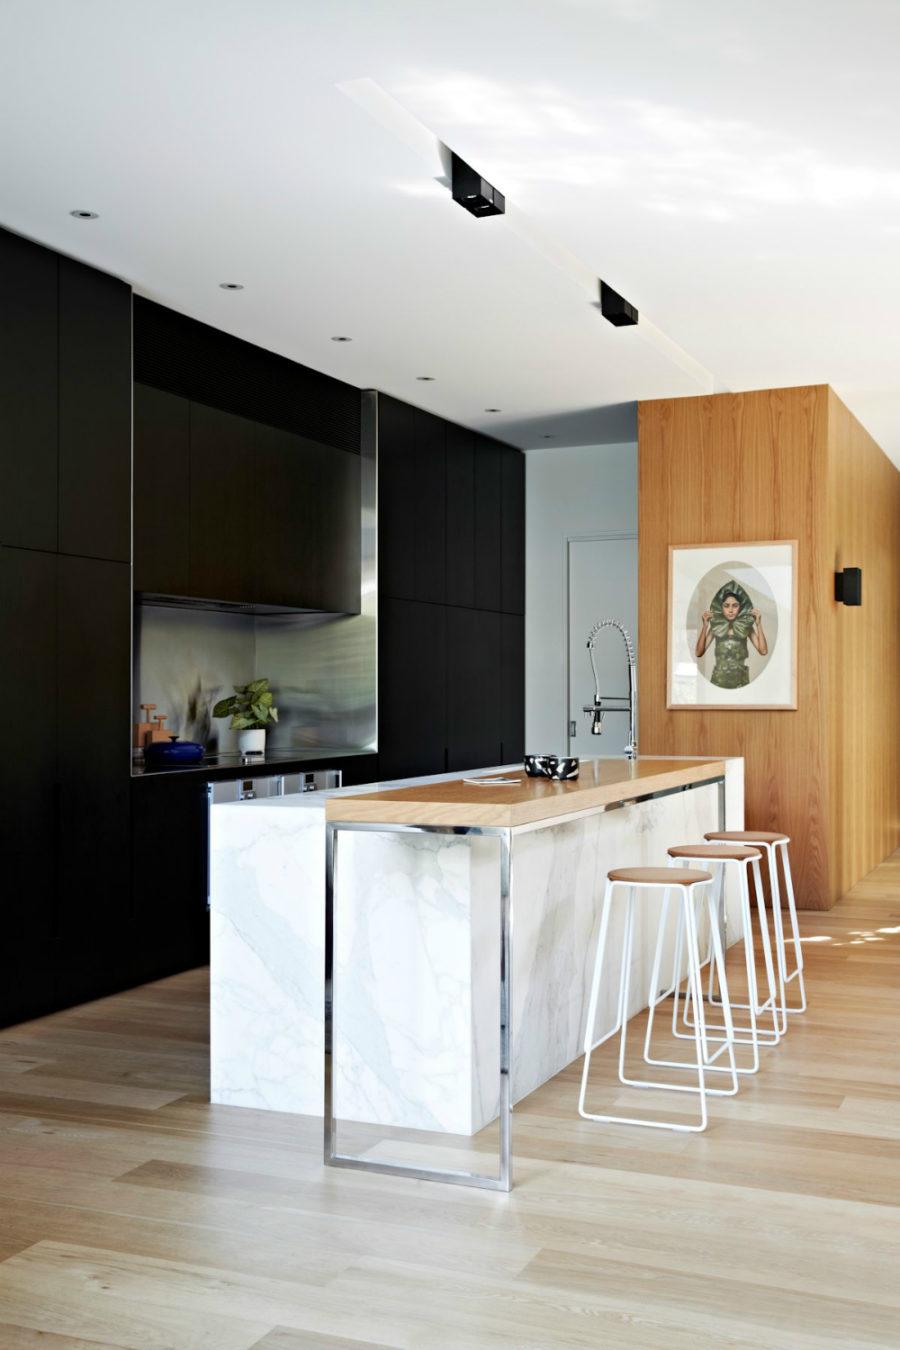 Современные тенденции в дизайне кухни в вашем доме - барные стулья бежевого цвета